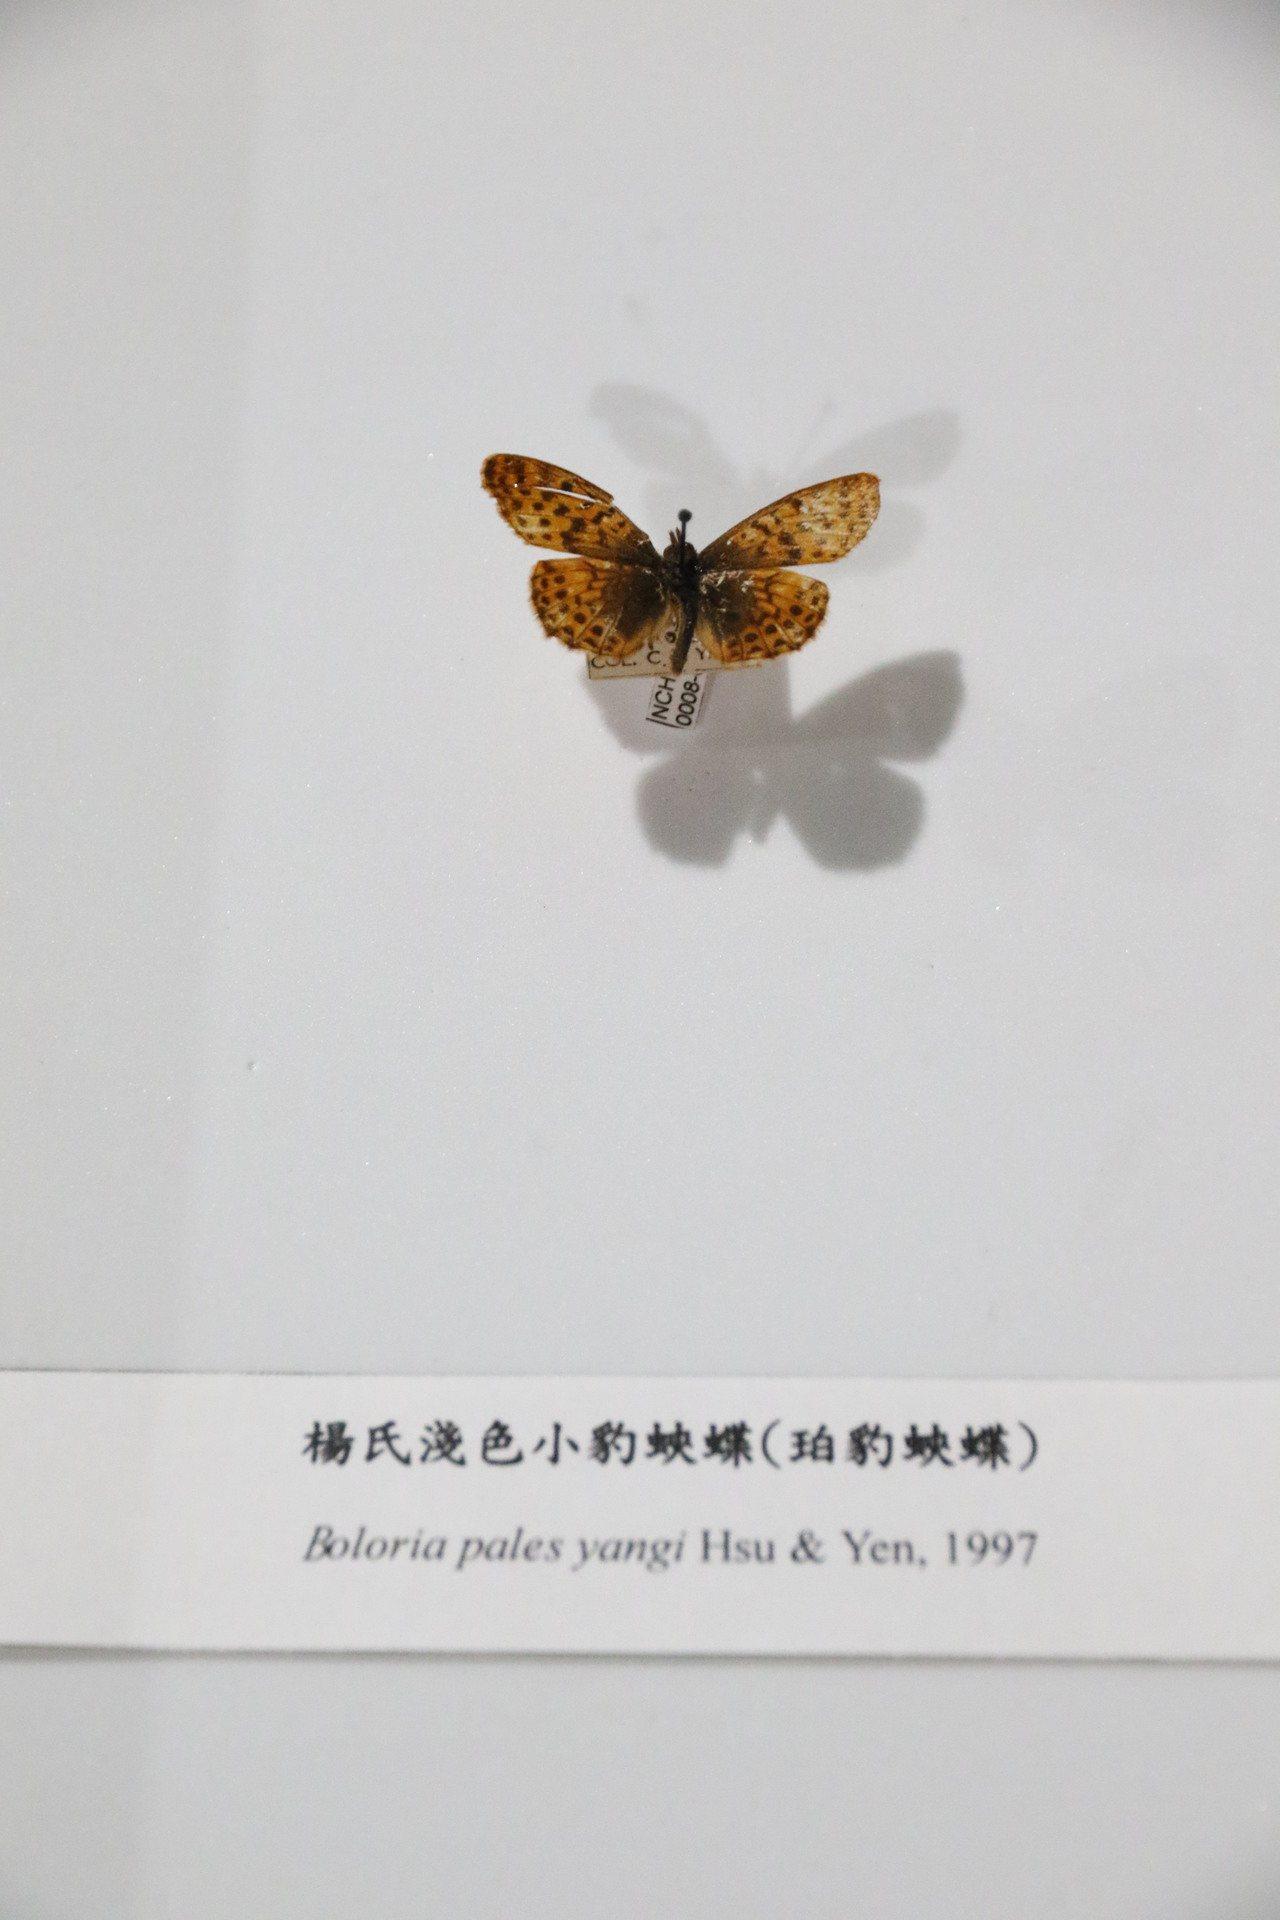 1997年發表楊氏淺色小豹蛺蝶,是楊仲圖教授在1964年於梨山採得,之後再也無人...